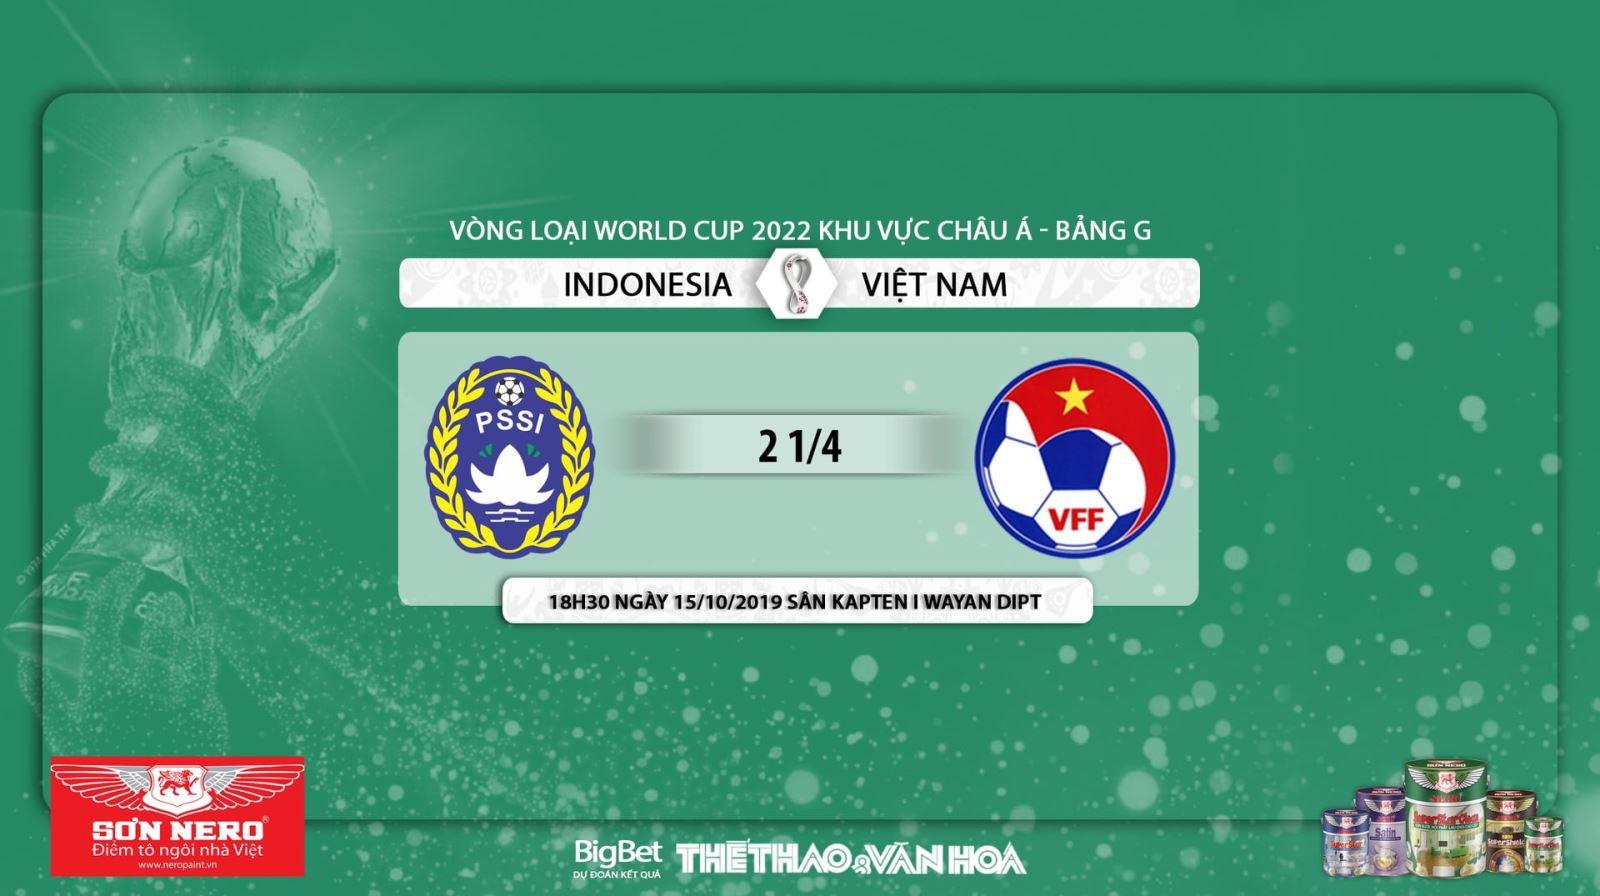 Indonesia vs Việt Nam, kèo bóng đá, Việt Nam, truc tiep bong da hôm nay, Việt Nam vs Indonesia, trực tiếp bóng đá, VTC1, VTC3, VTV6, VTV5, xem bóng đá trực tuyến